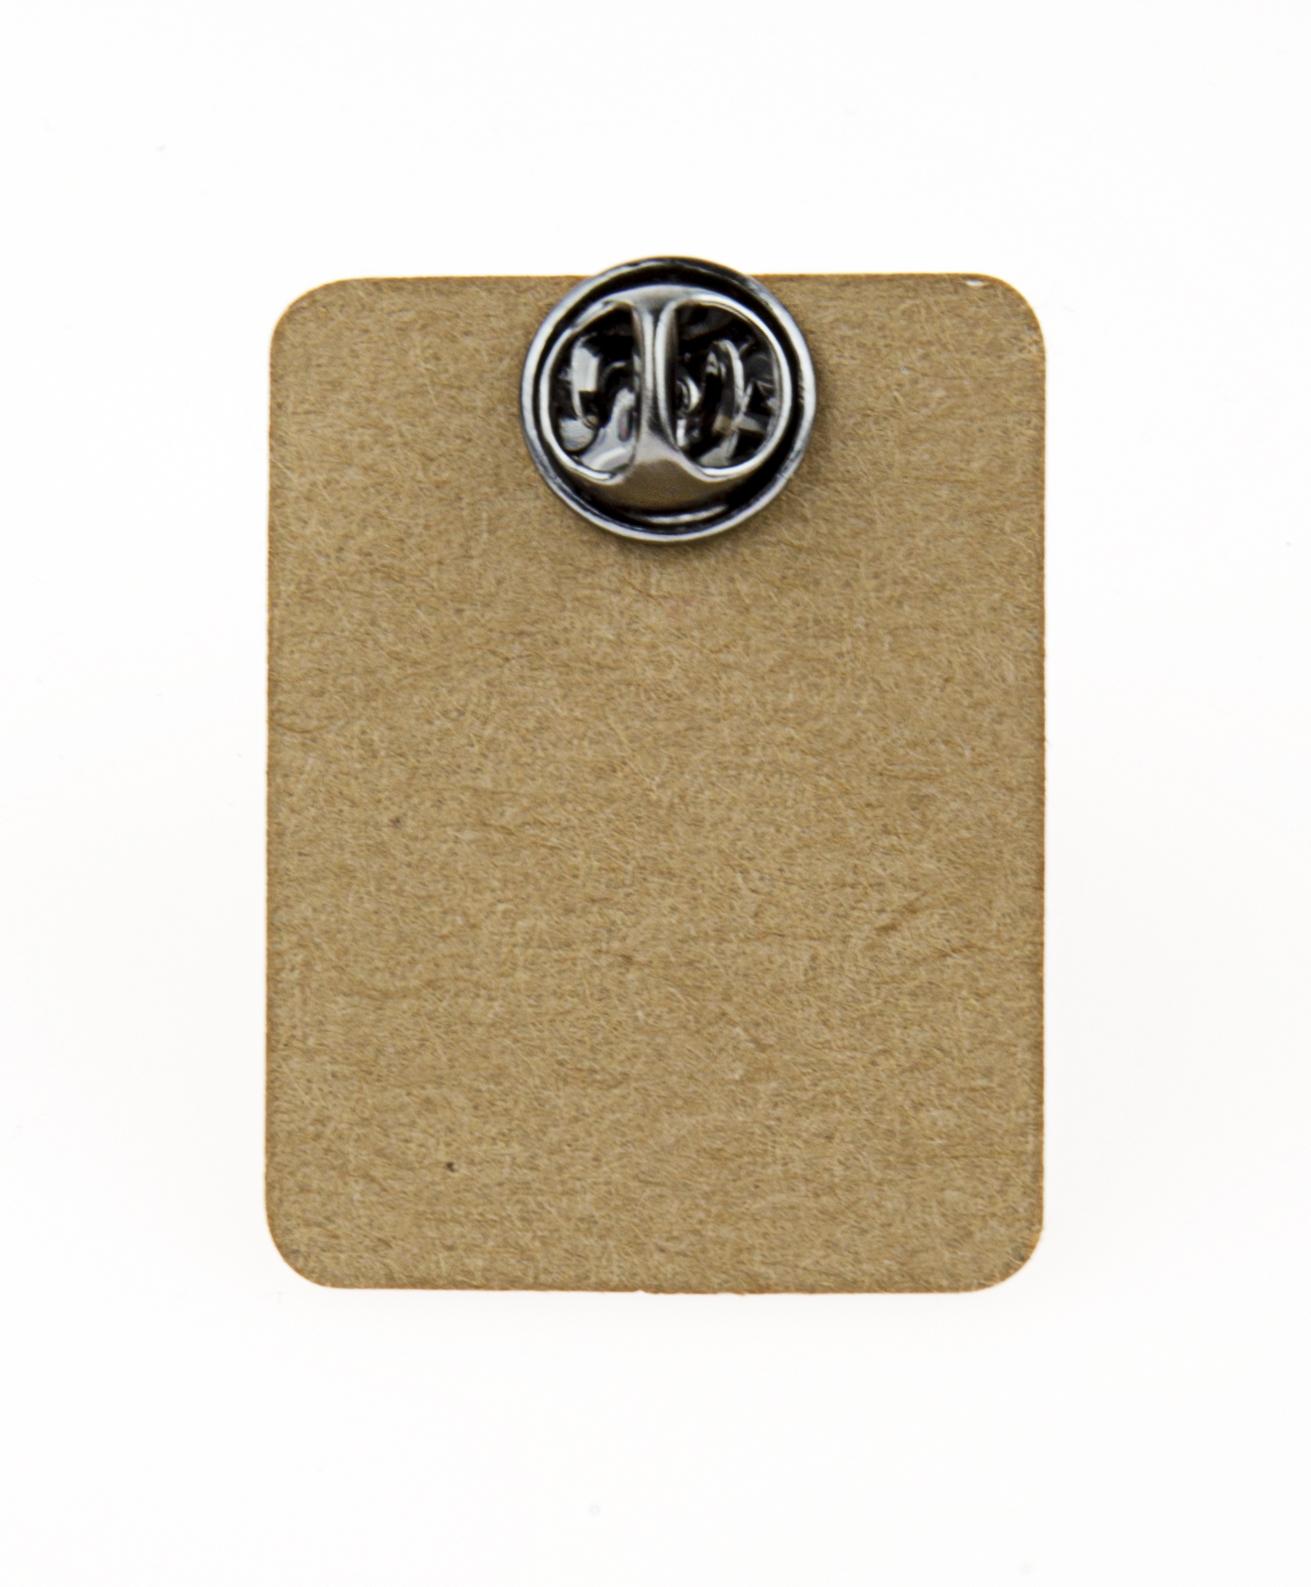 Metal Lady Bug Enamel Pin Badge